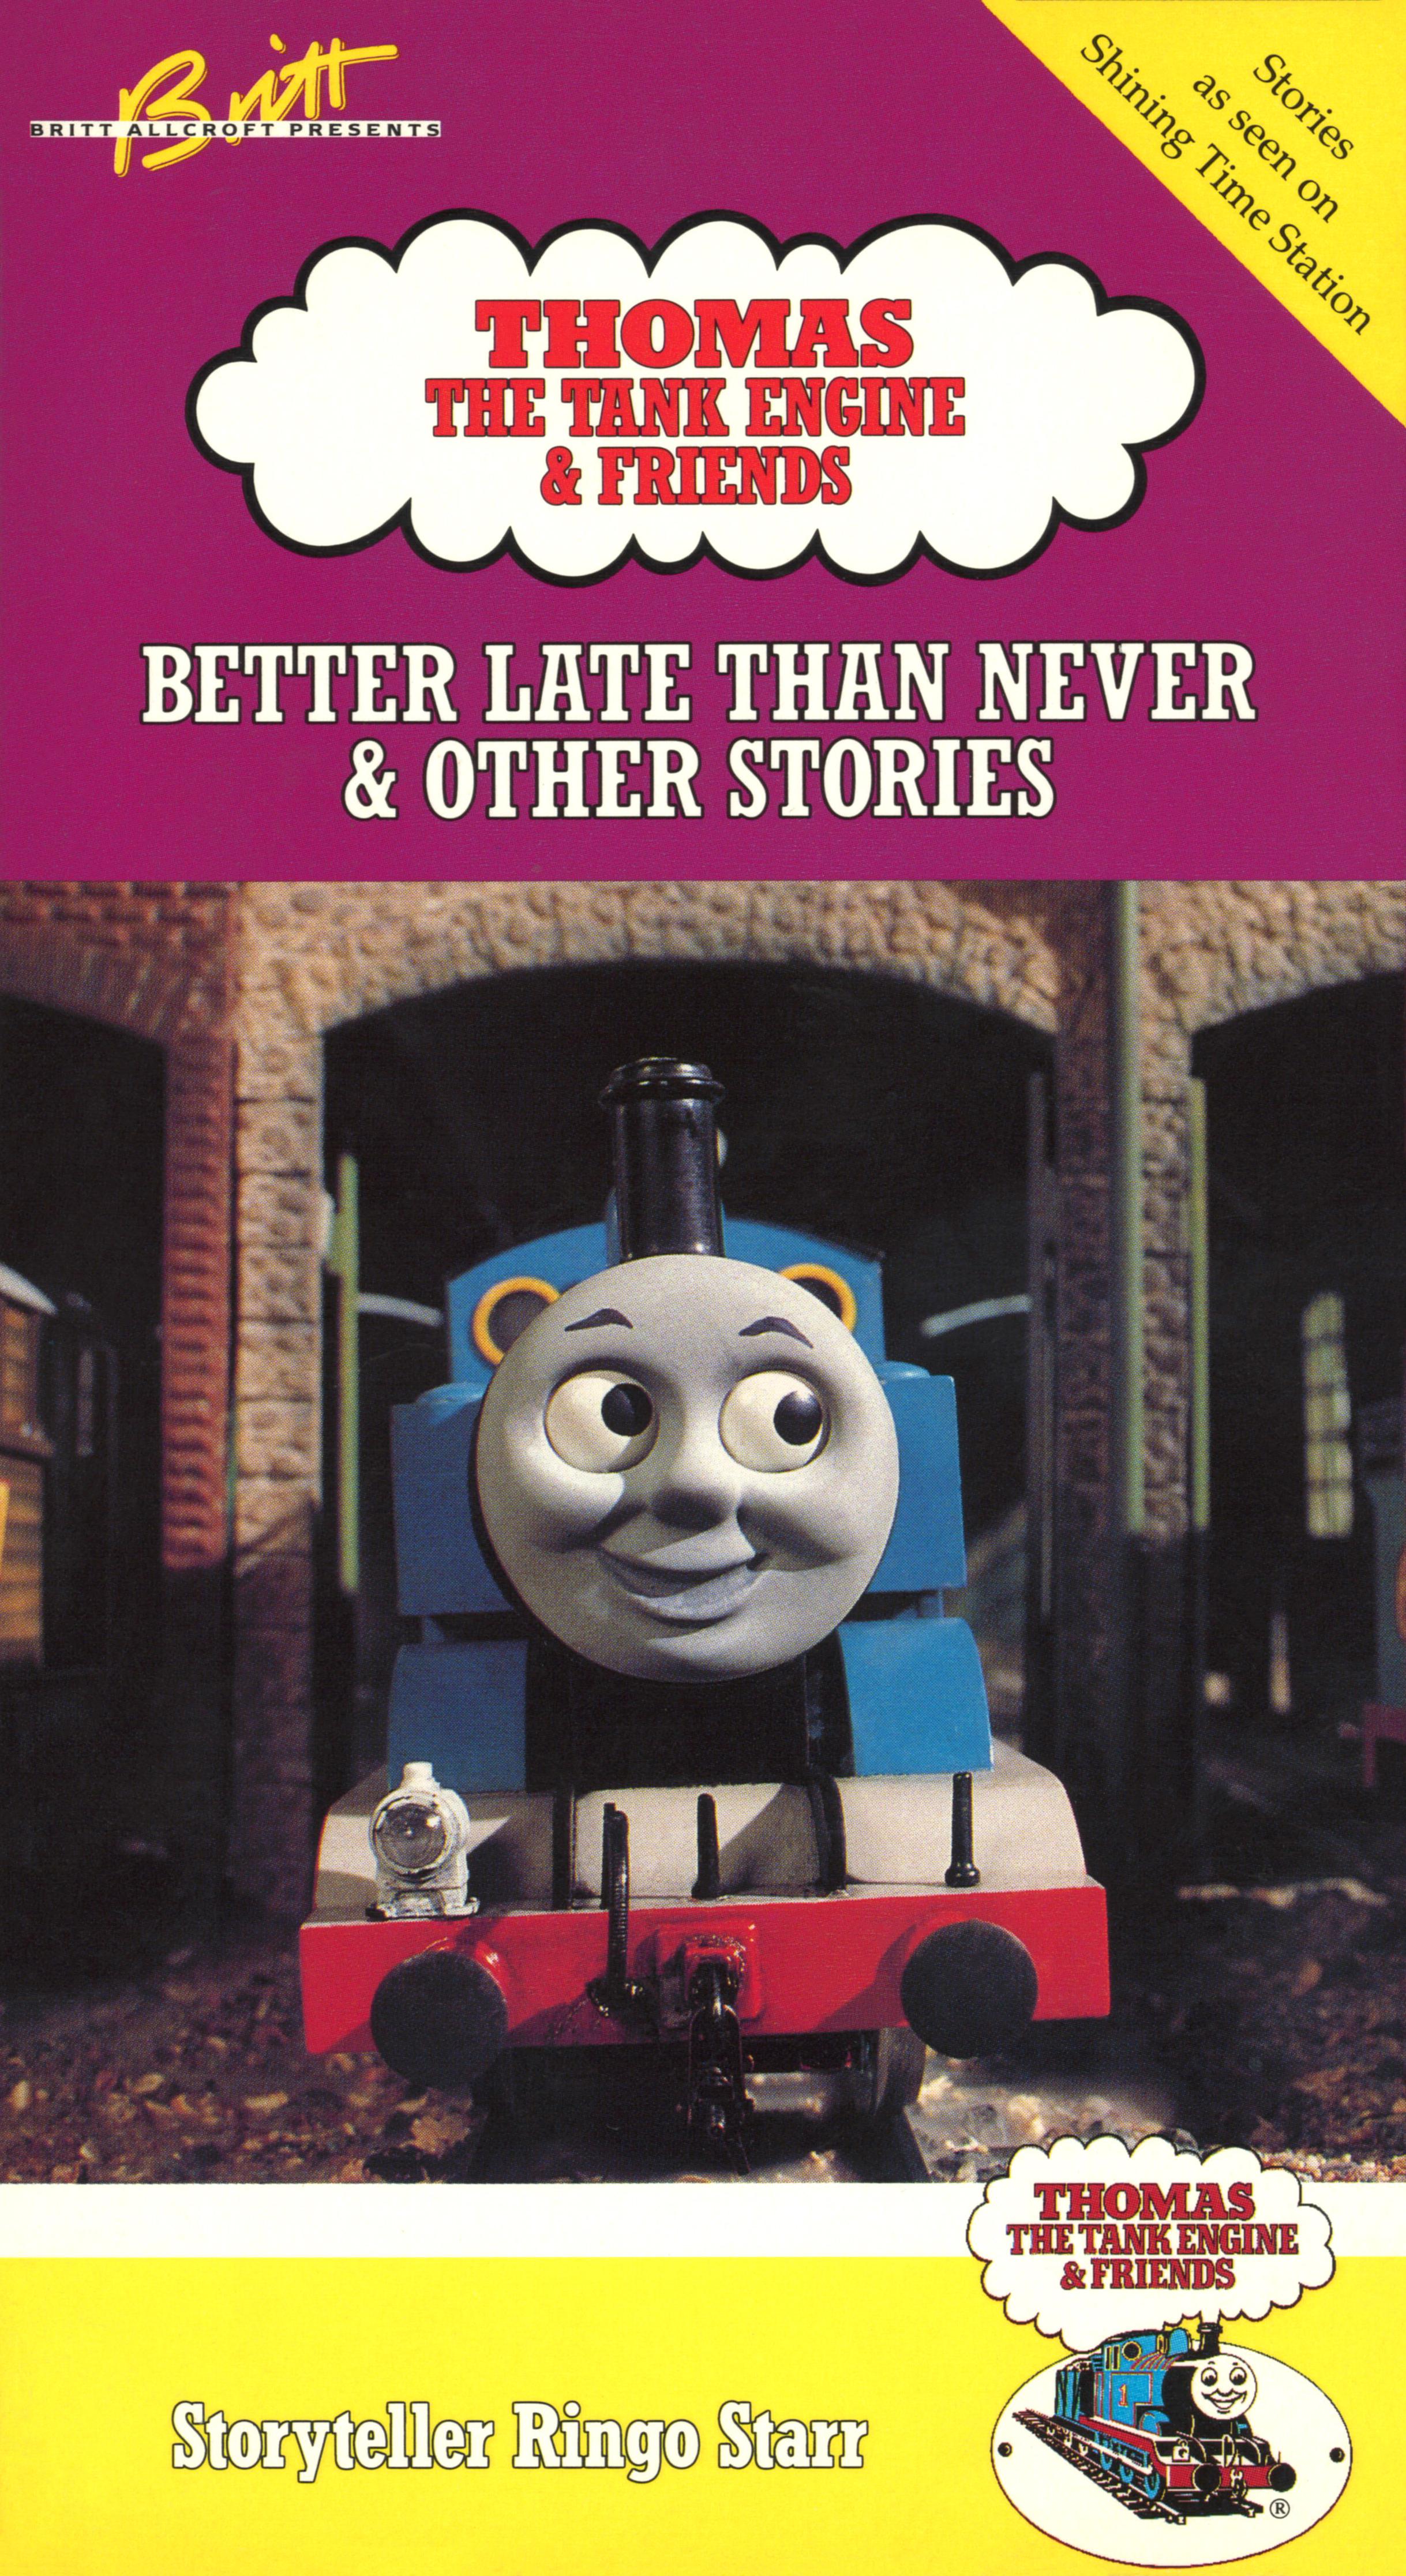 BetterLateThanNever 1991VHS.jpg